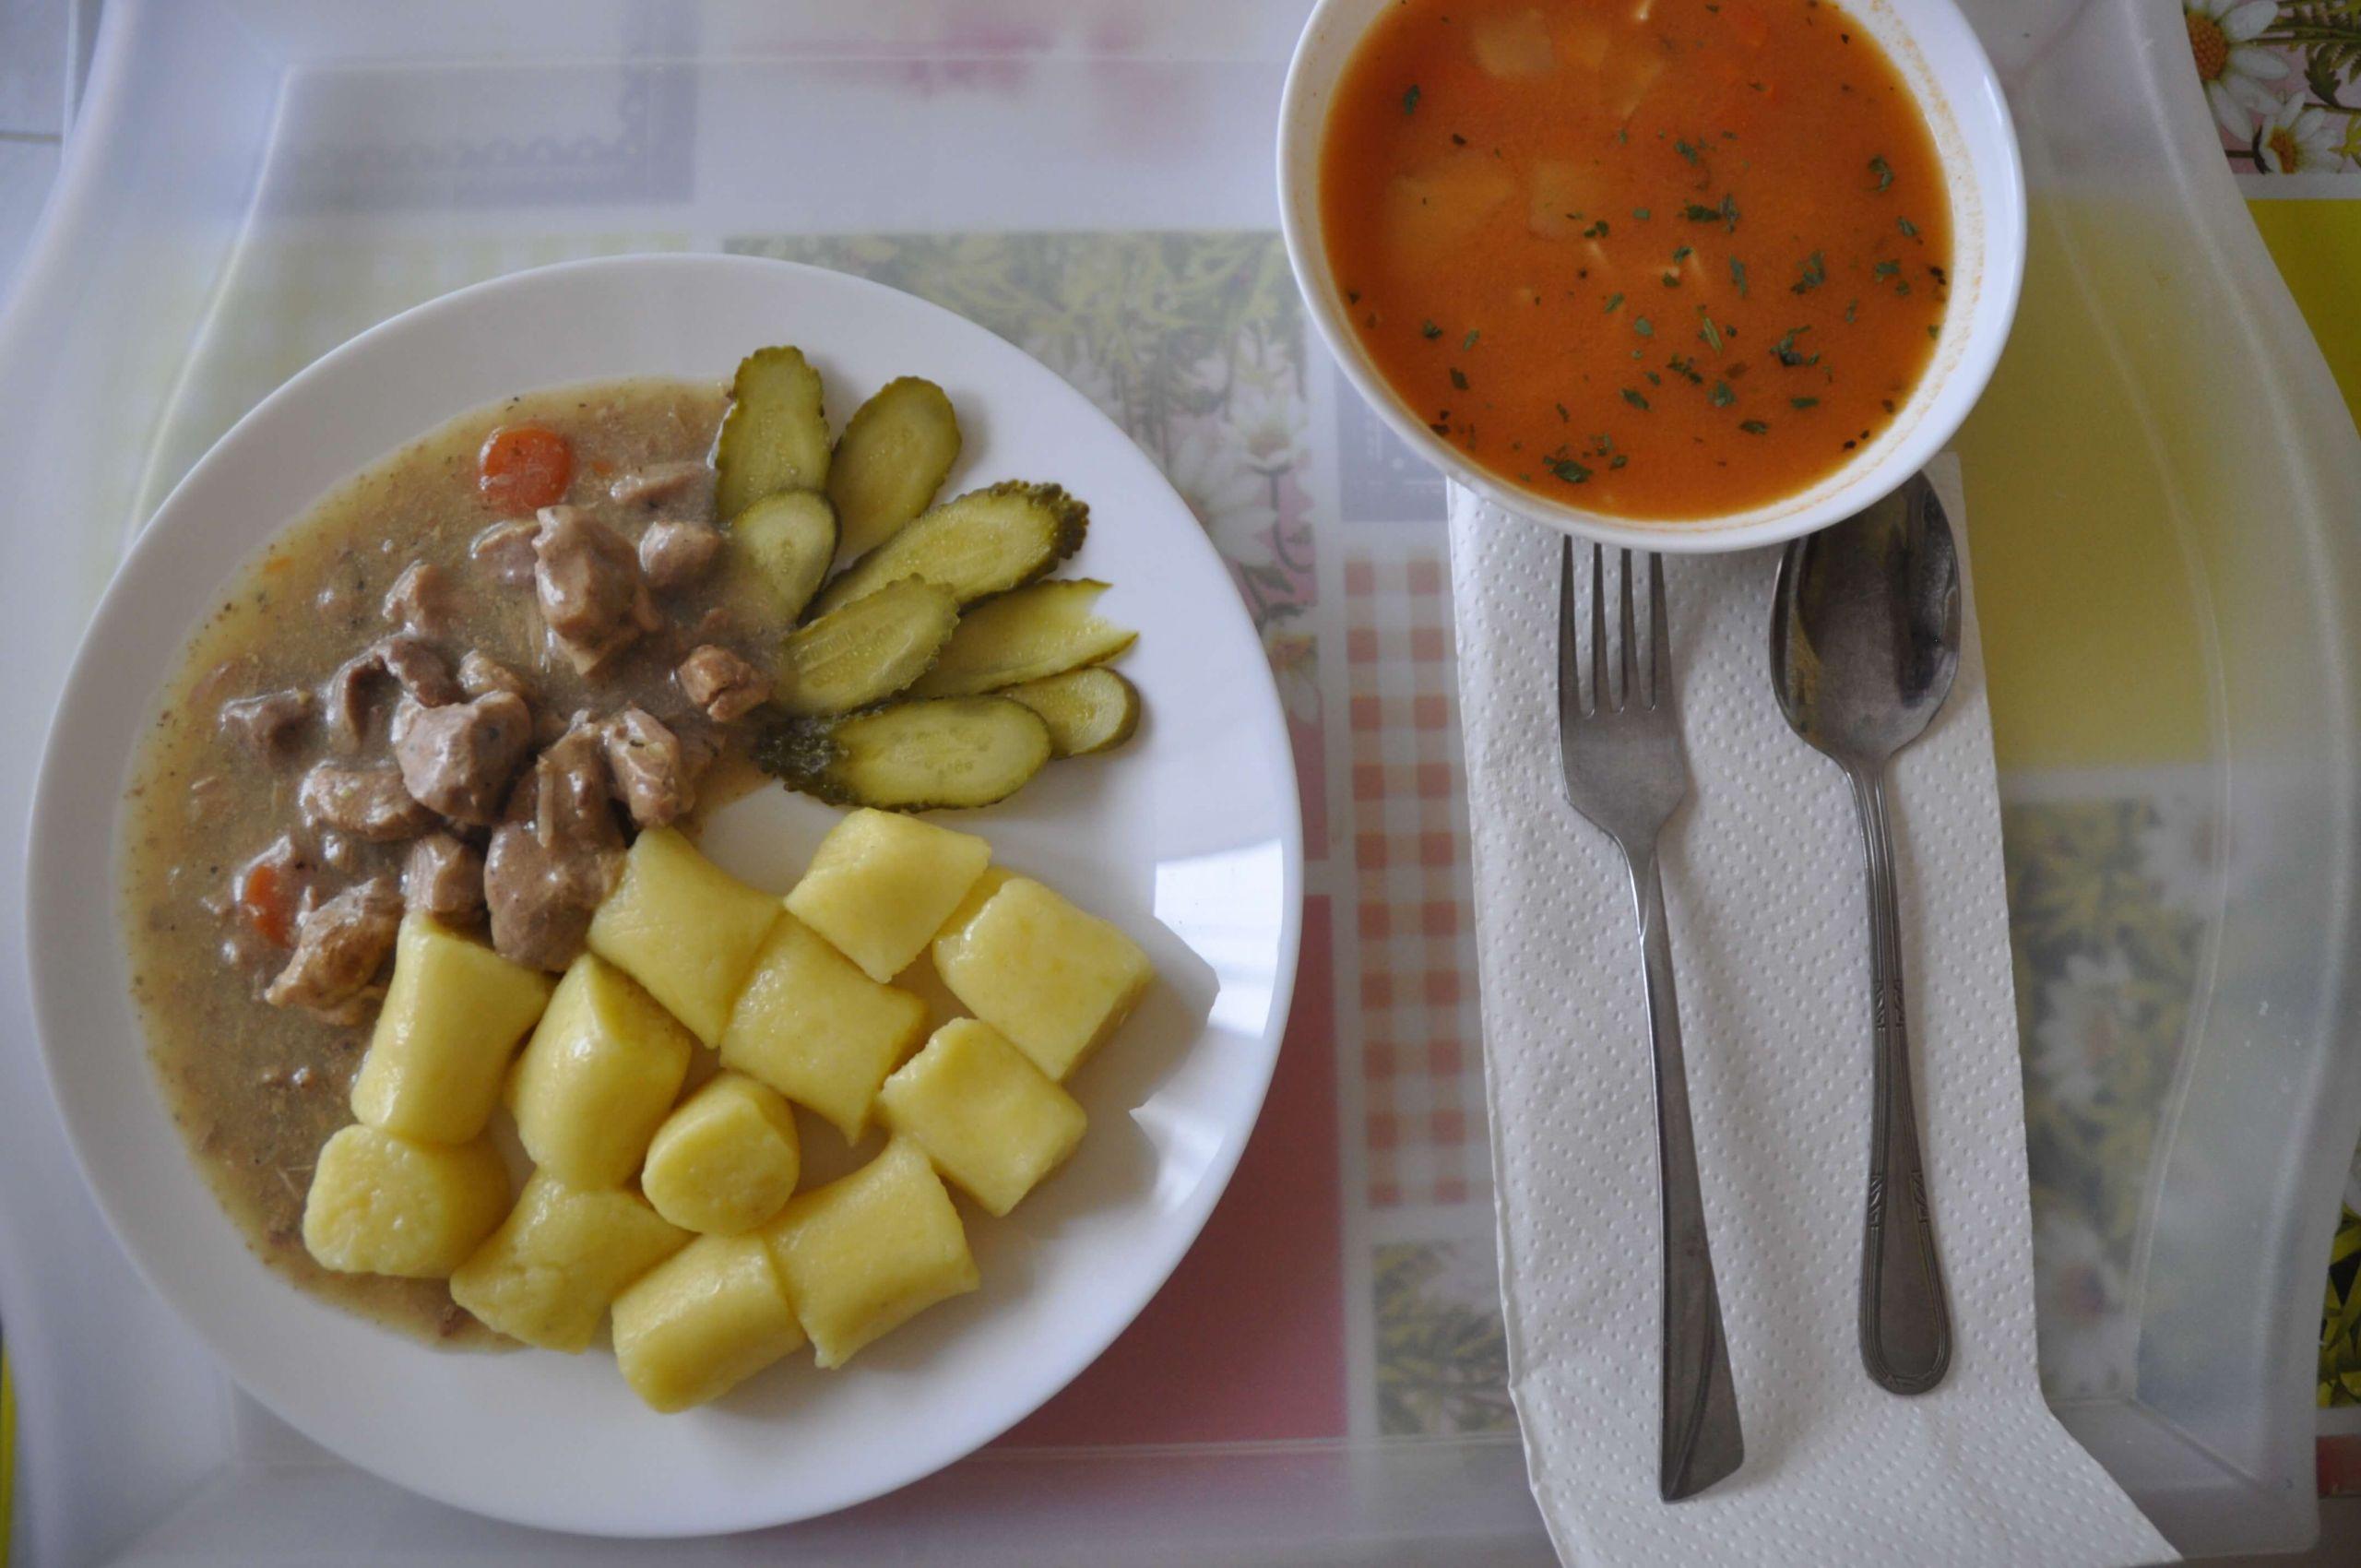 kuchnia kluseczki z sosem mięsnym i ogórek konserwowy oraz pomidorowa